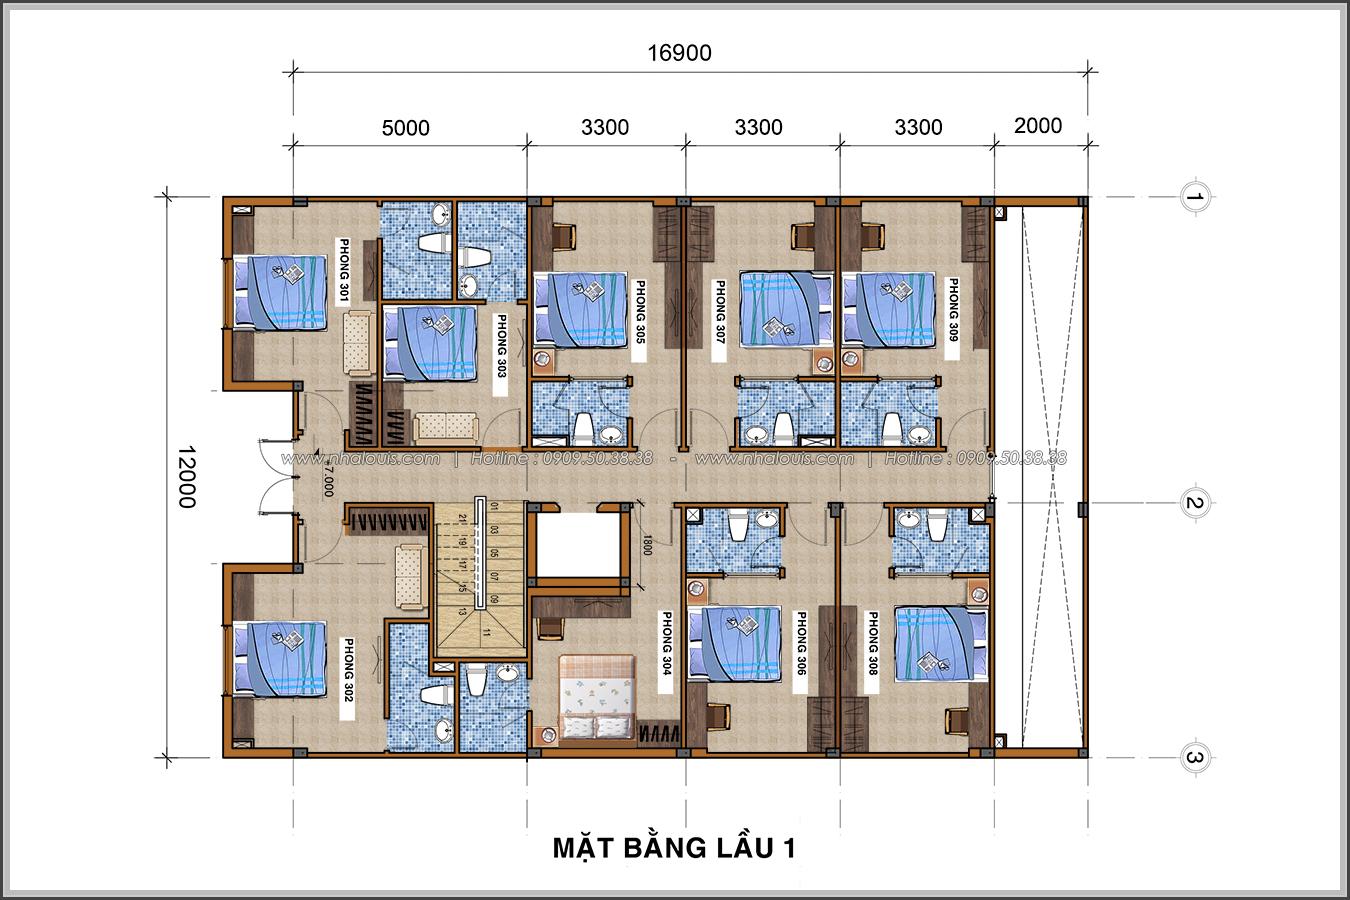 Thiết kế khách sạn cổ điển tại Phan Thiết đẹp lộng lẫy - 06